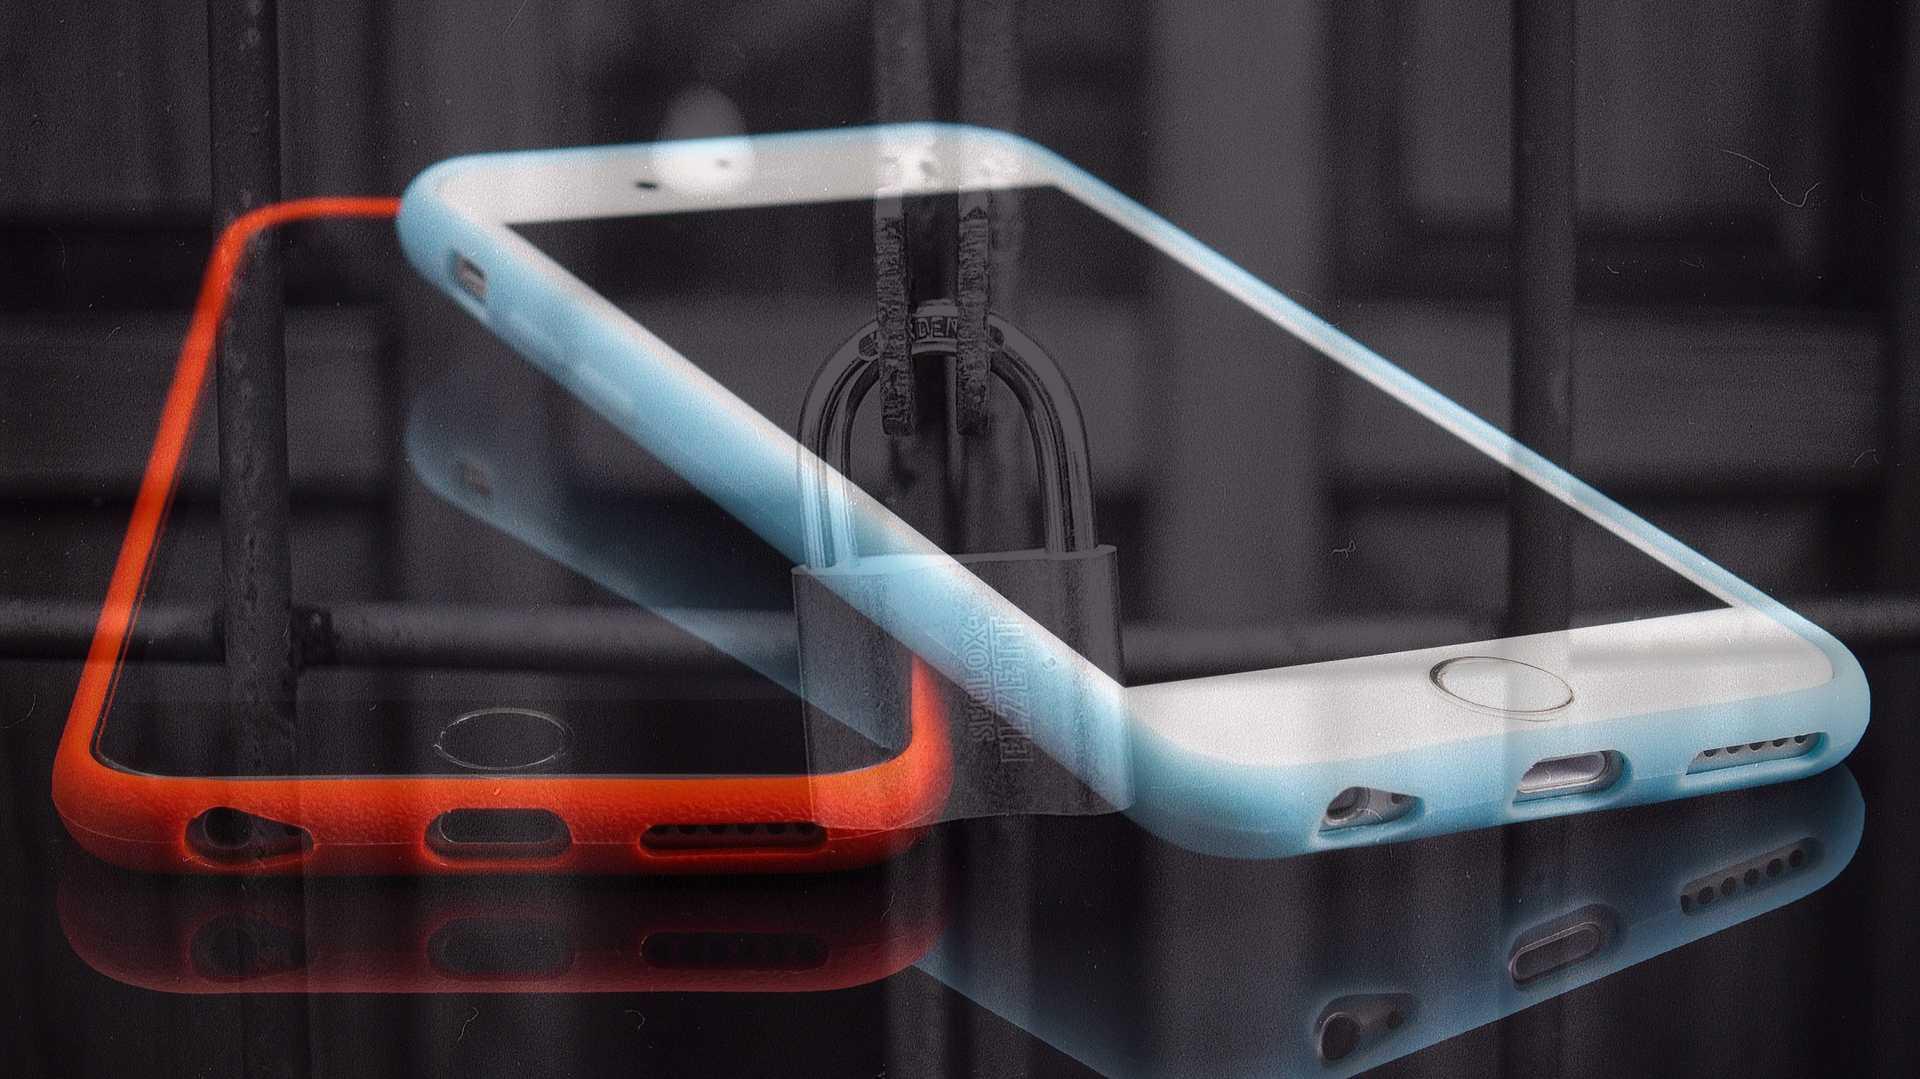 FBI und Verschlüsselung: Viel weniger Mobilgeräte nicht zu knacken als behauptet